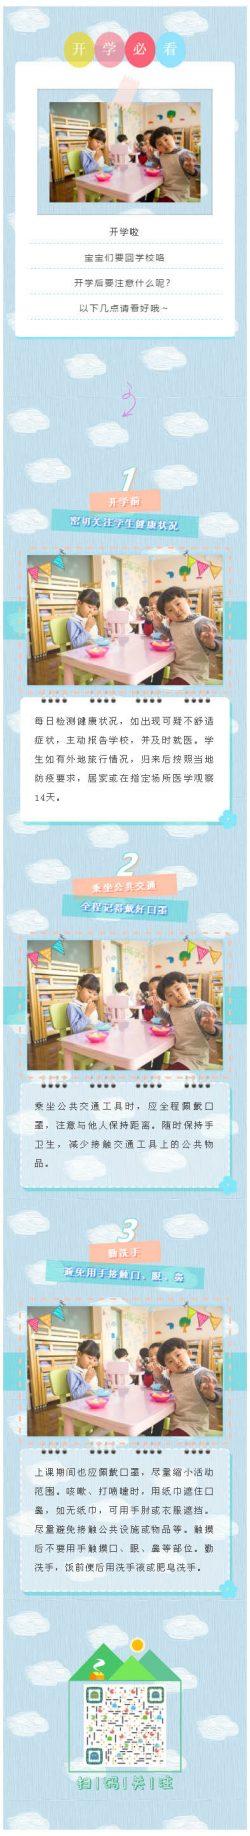 蓝色背景白云背景图可爱多彩风格微信模板幼儿园学校小学模板